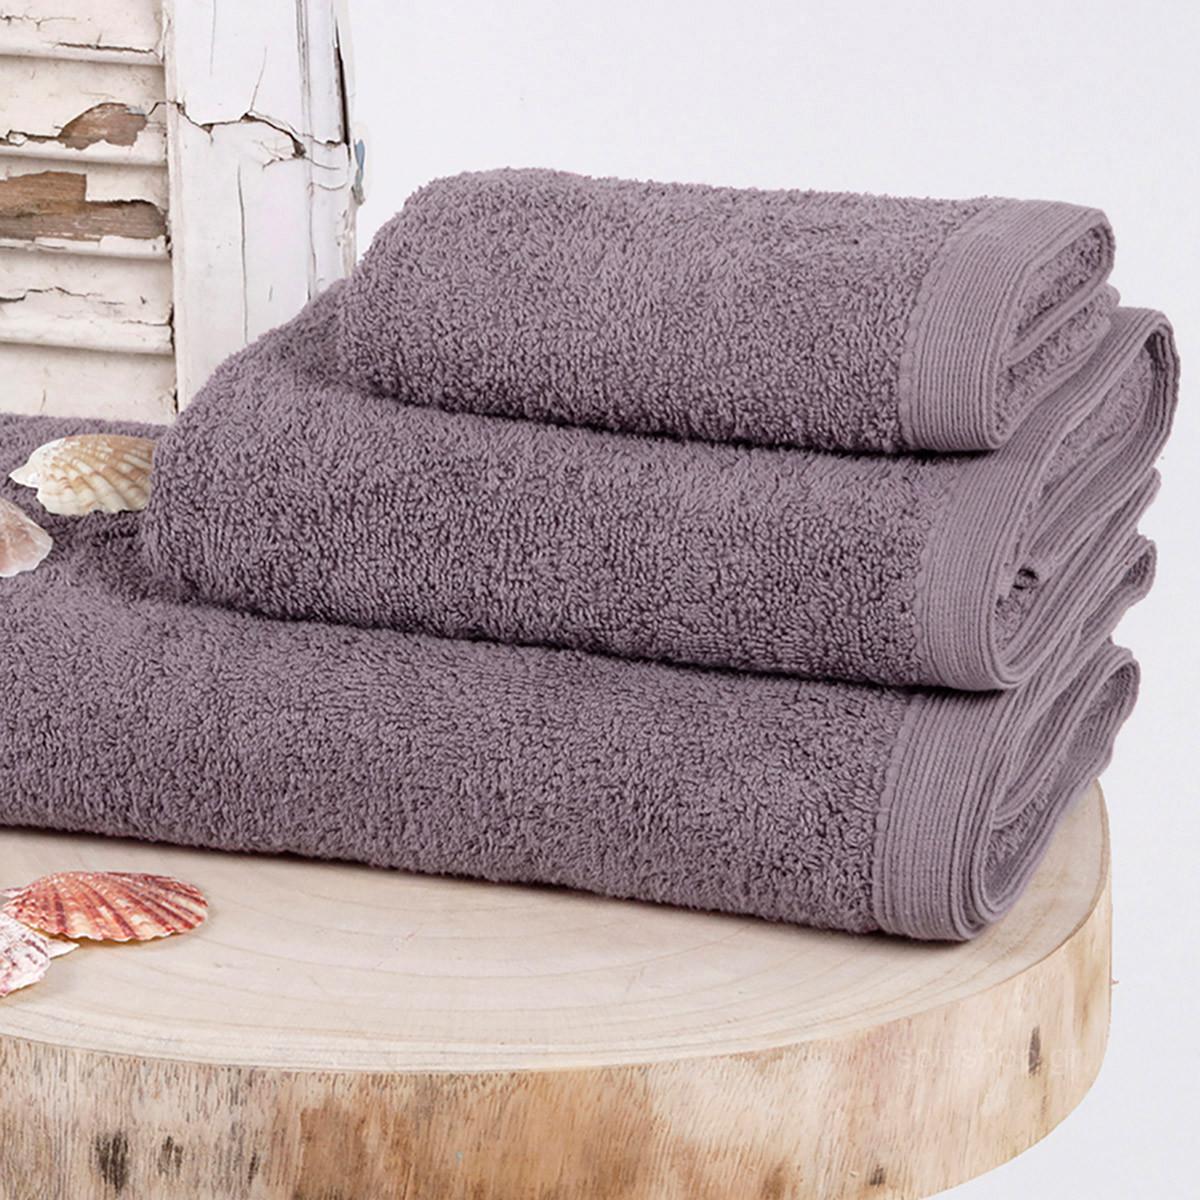 Πετσέτα Σώματος (100x150) Sb Home Primus home   μπάνιο   πετσέτες μπάνιου